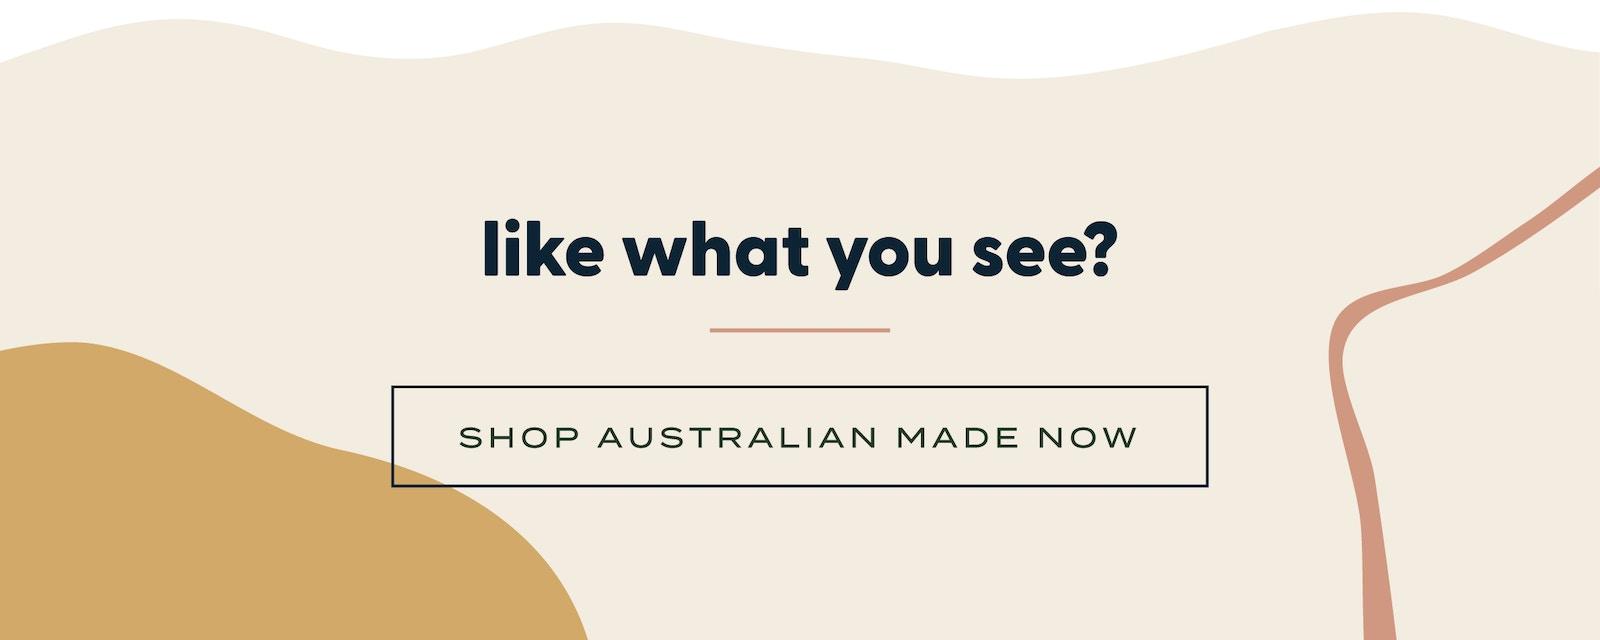 Shop Australian Made Now